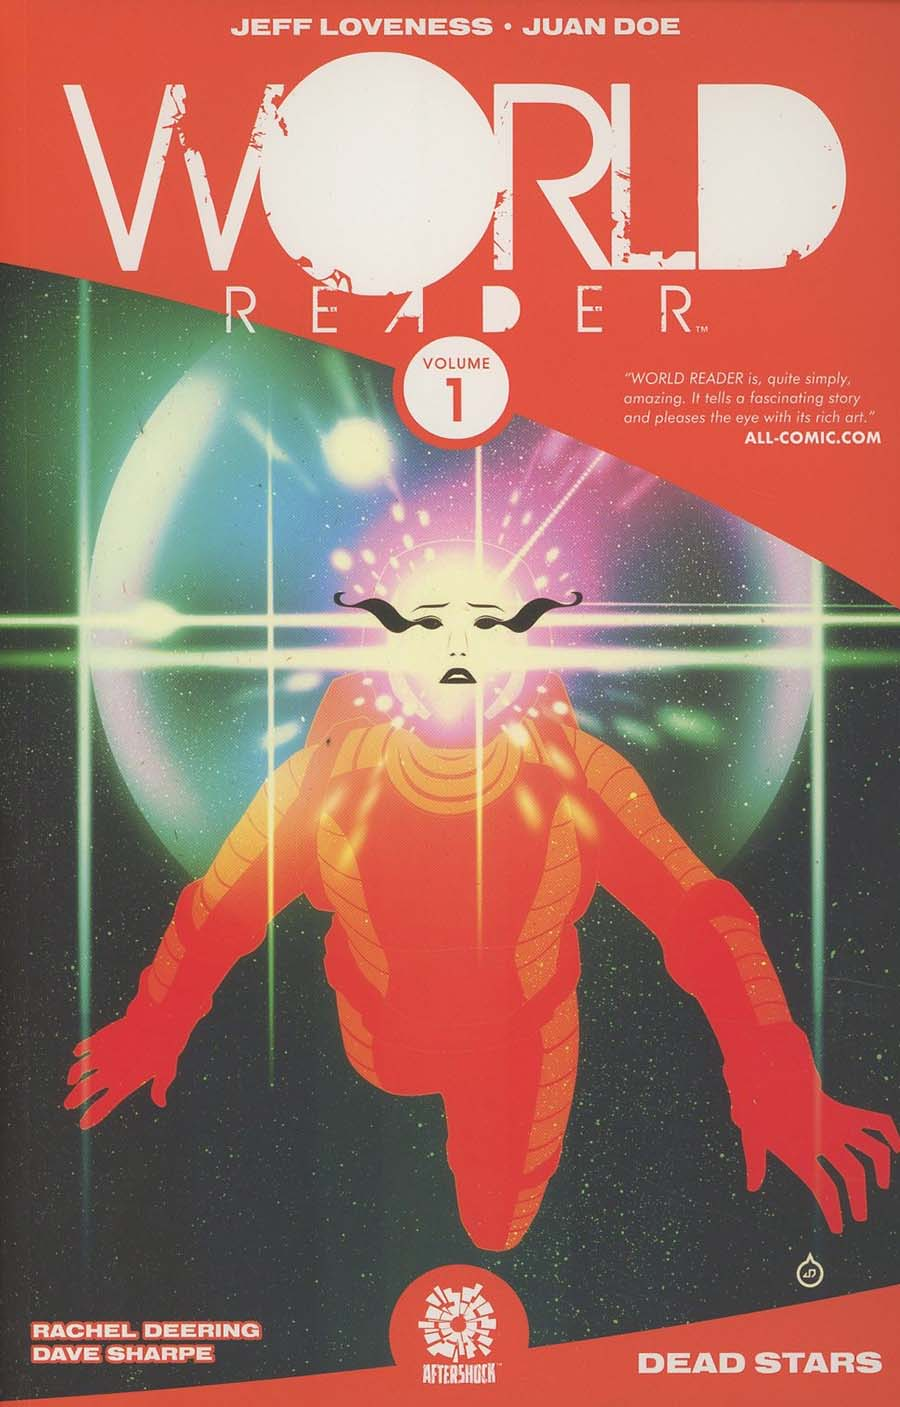 World Reader Vol 1 Dead Stars TP